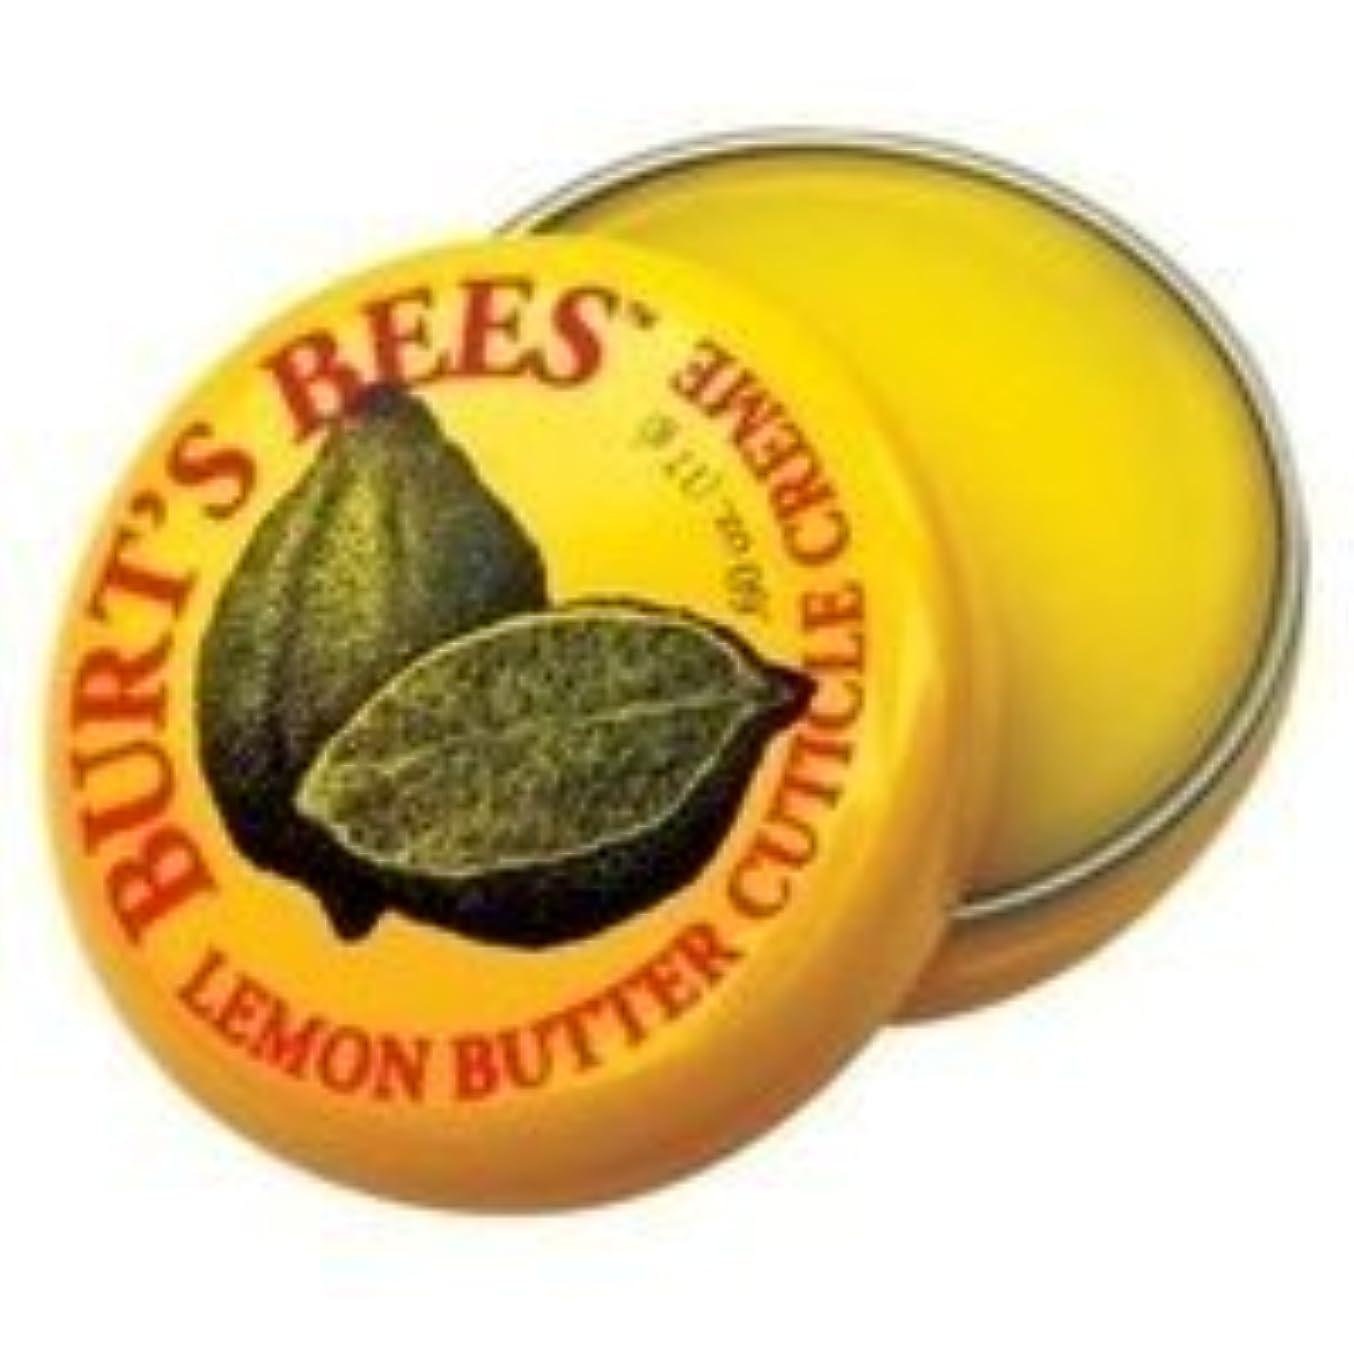 十分です効率寛大なバーツビー(バーツビーズ) レモンバターキューティクルクリーム 17g 2個セット